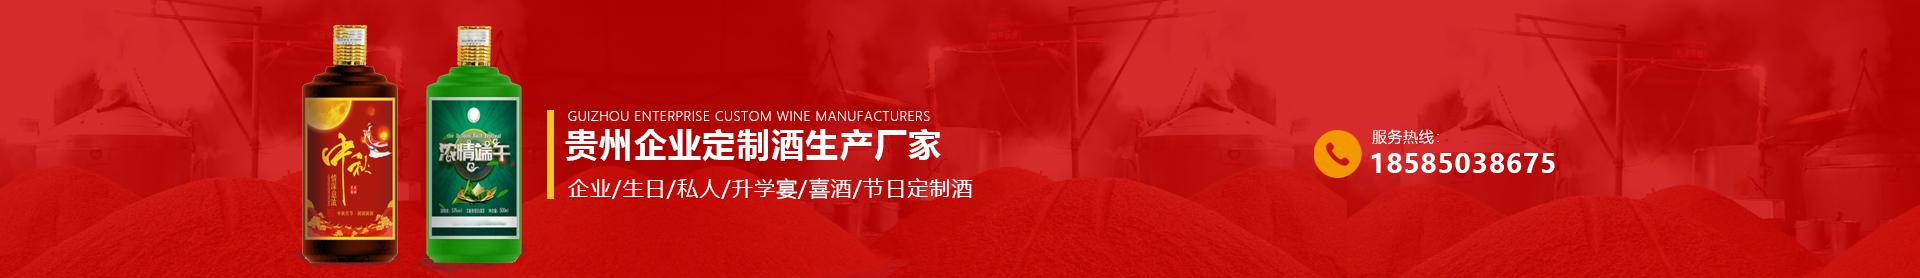 山东企业定制酒生产厂家